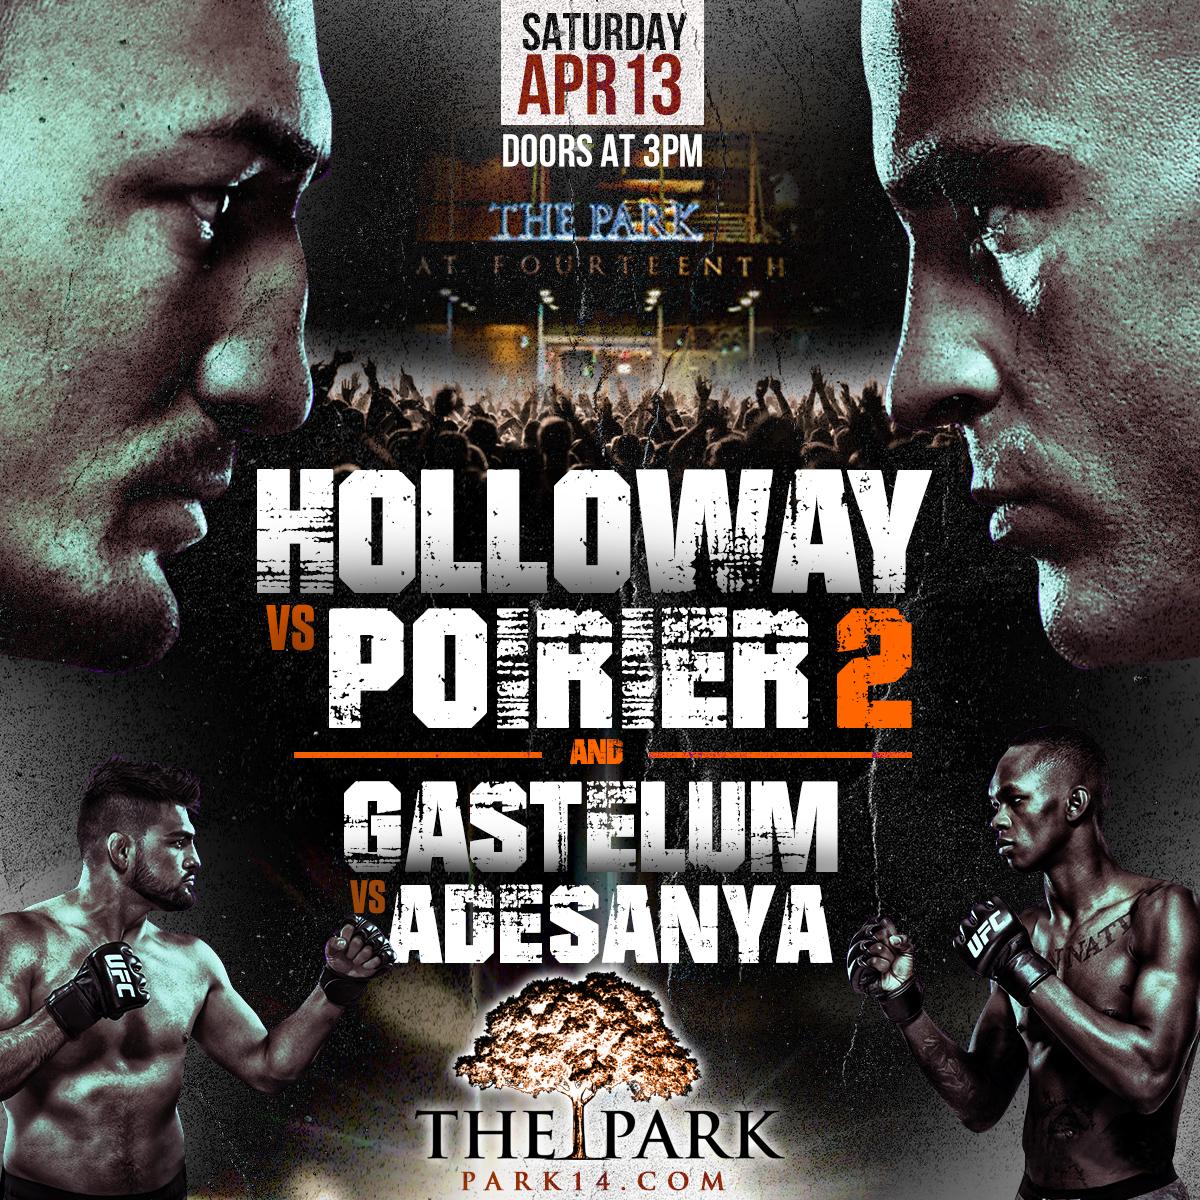 Holloway vs Poirier 2 Flyer.jpg